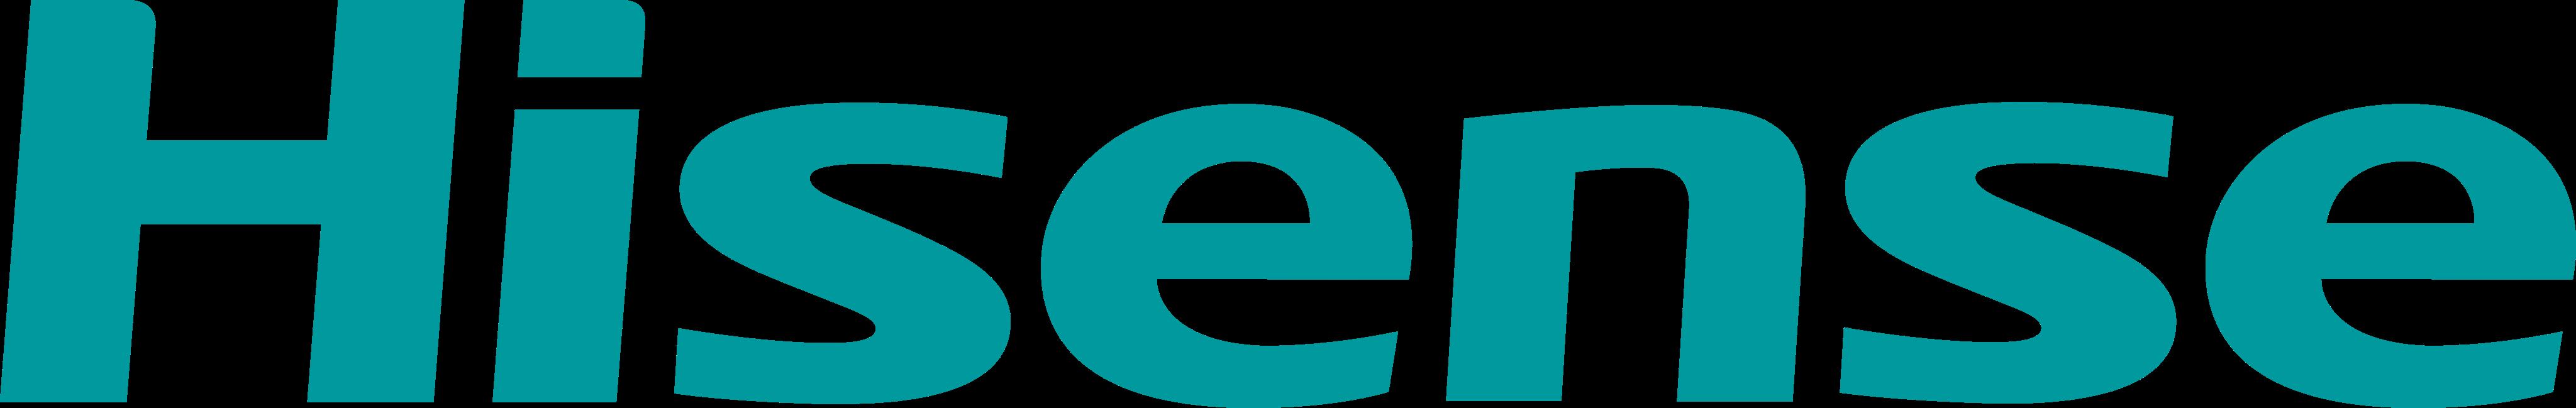 Hisense Logo.